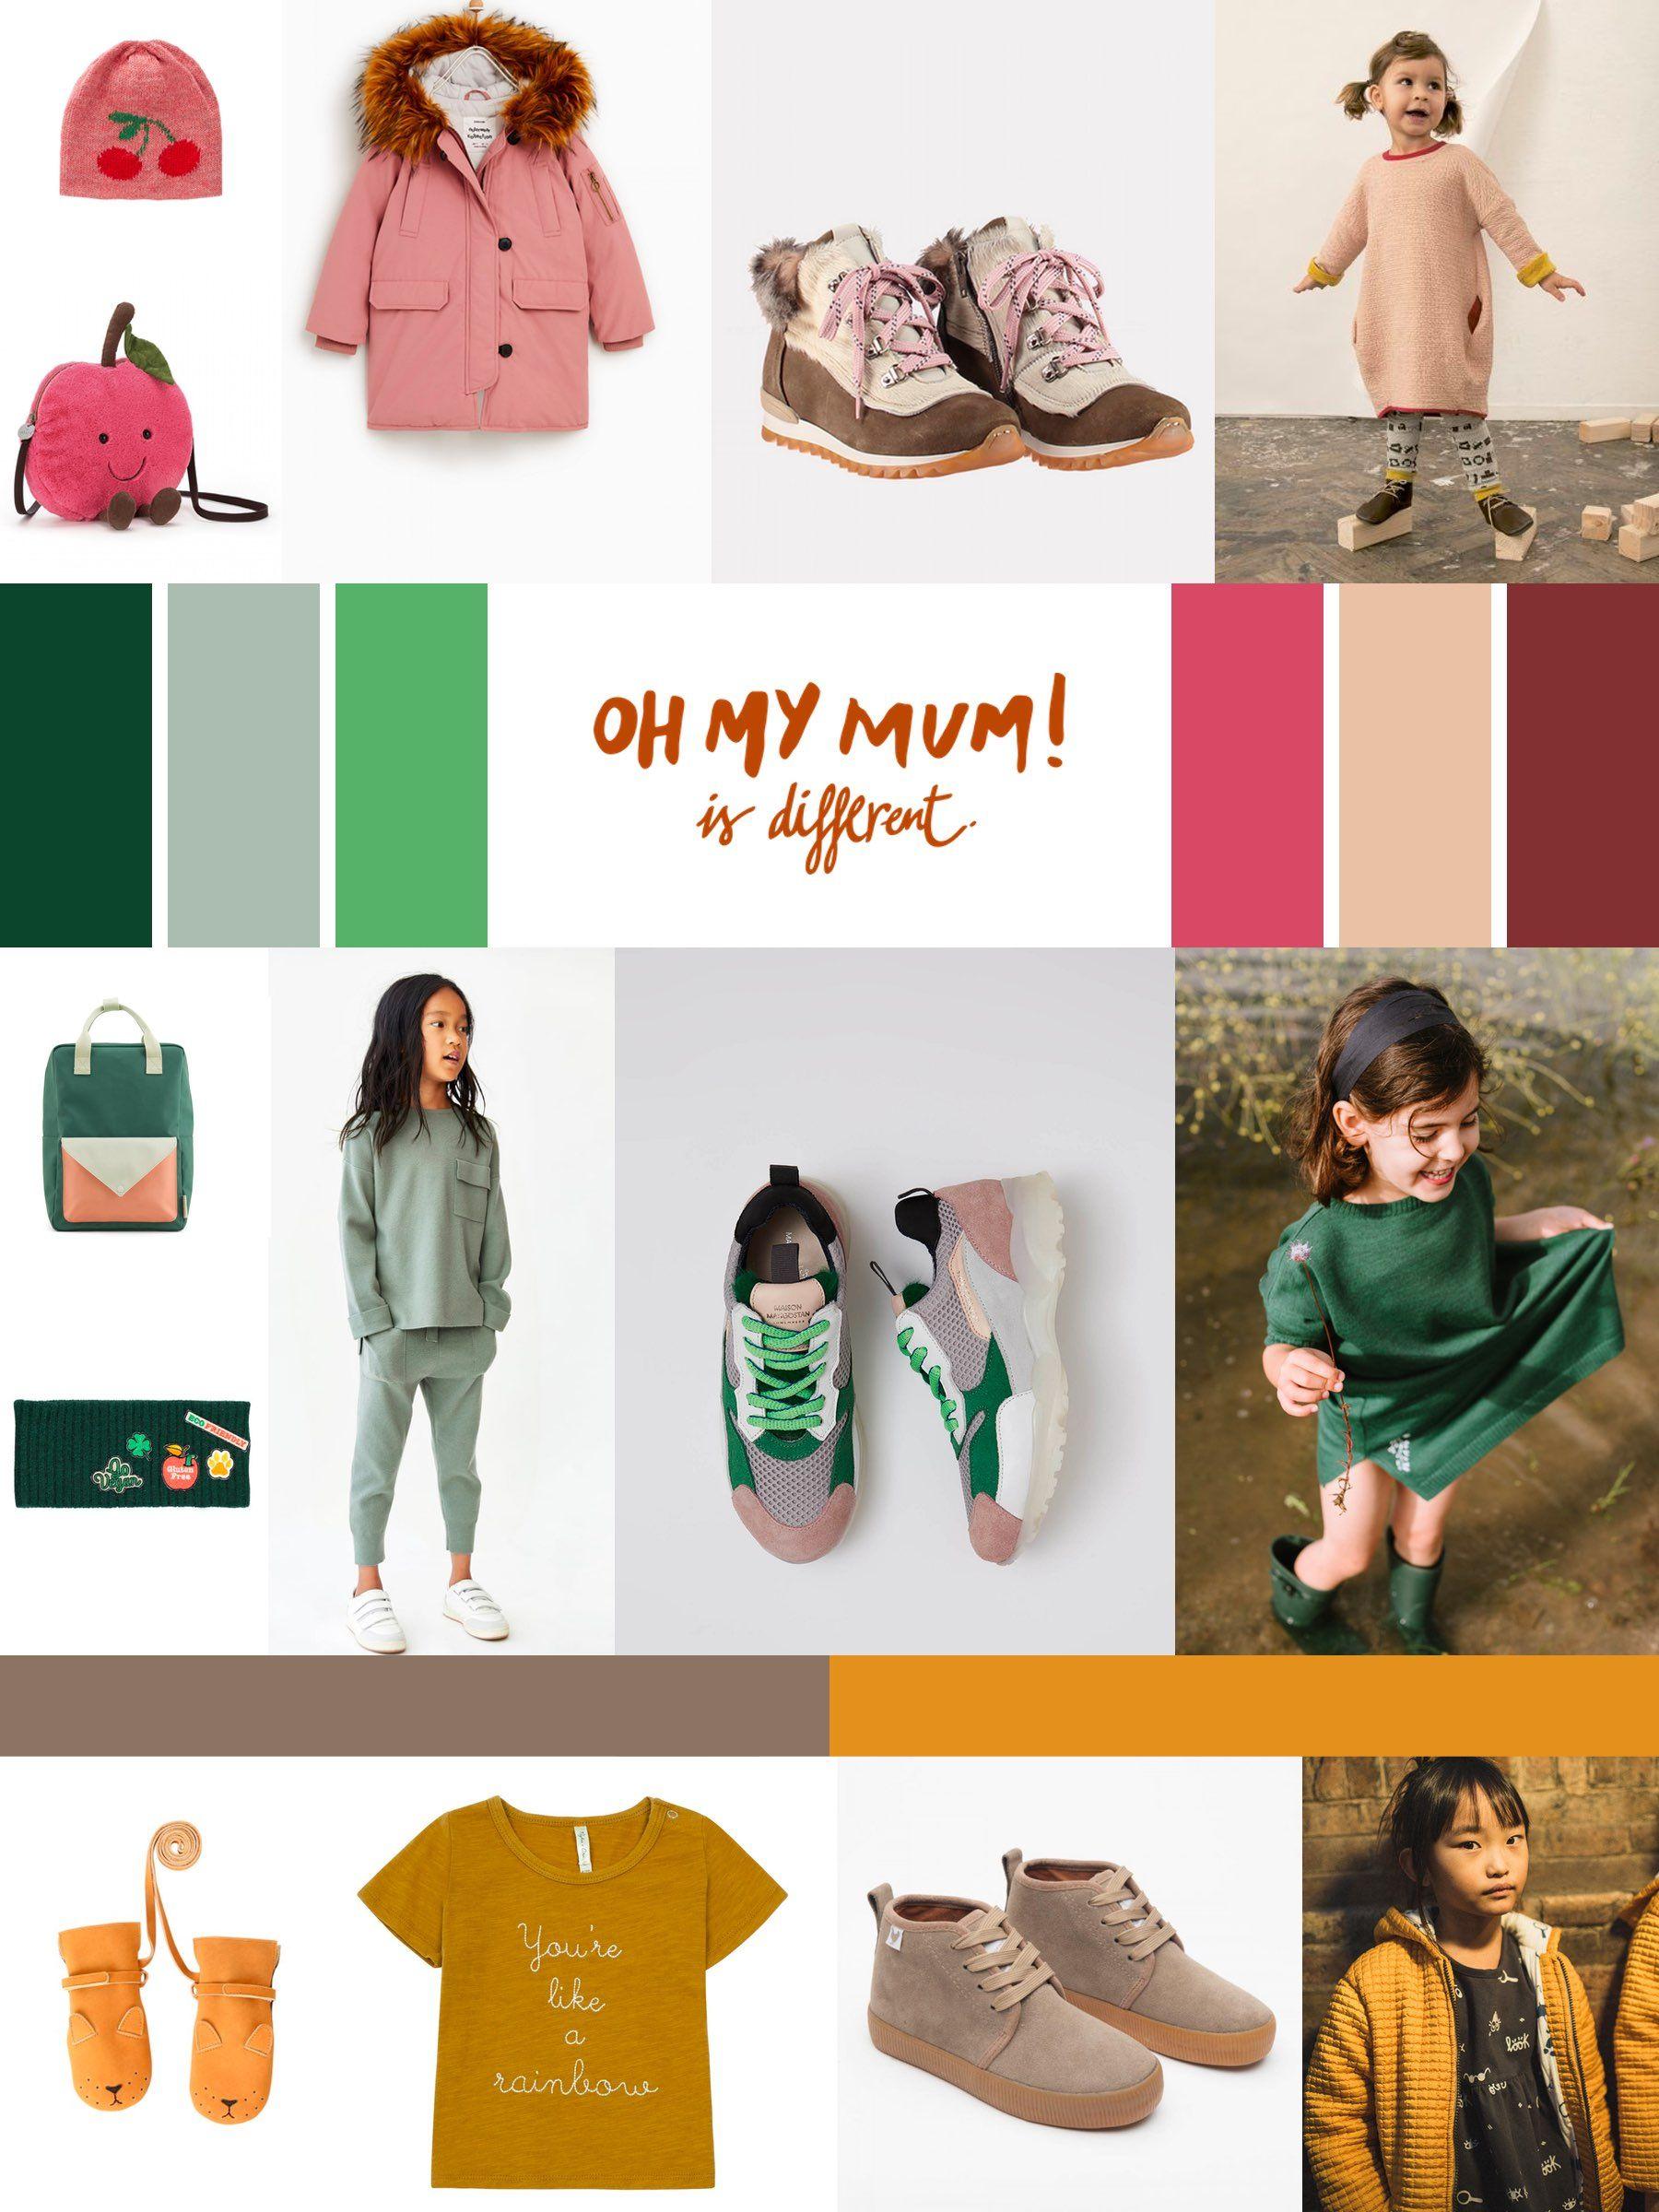 Moda Infantil Para La Temporada De Otono 2018 Los Colores Que Mas Inspiran Las Prendas De Otono Para Los Mas Pequ Moda Infantil Moda Infantil De Invierno Moda